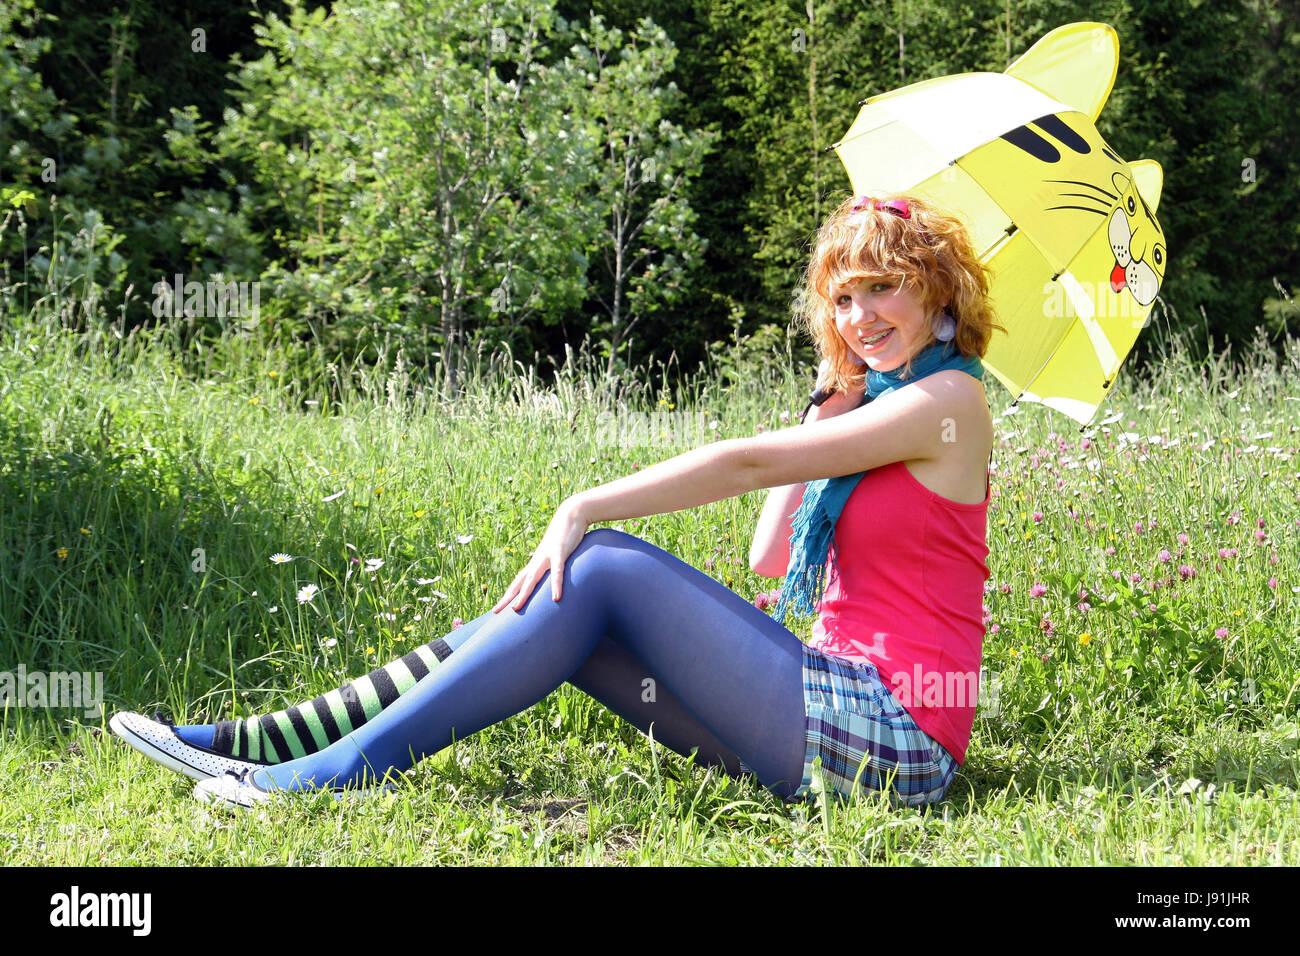 Mit Dem Regenschirm Auf Blumenwiese Stockfoto Bild 143251411 Alamy